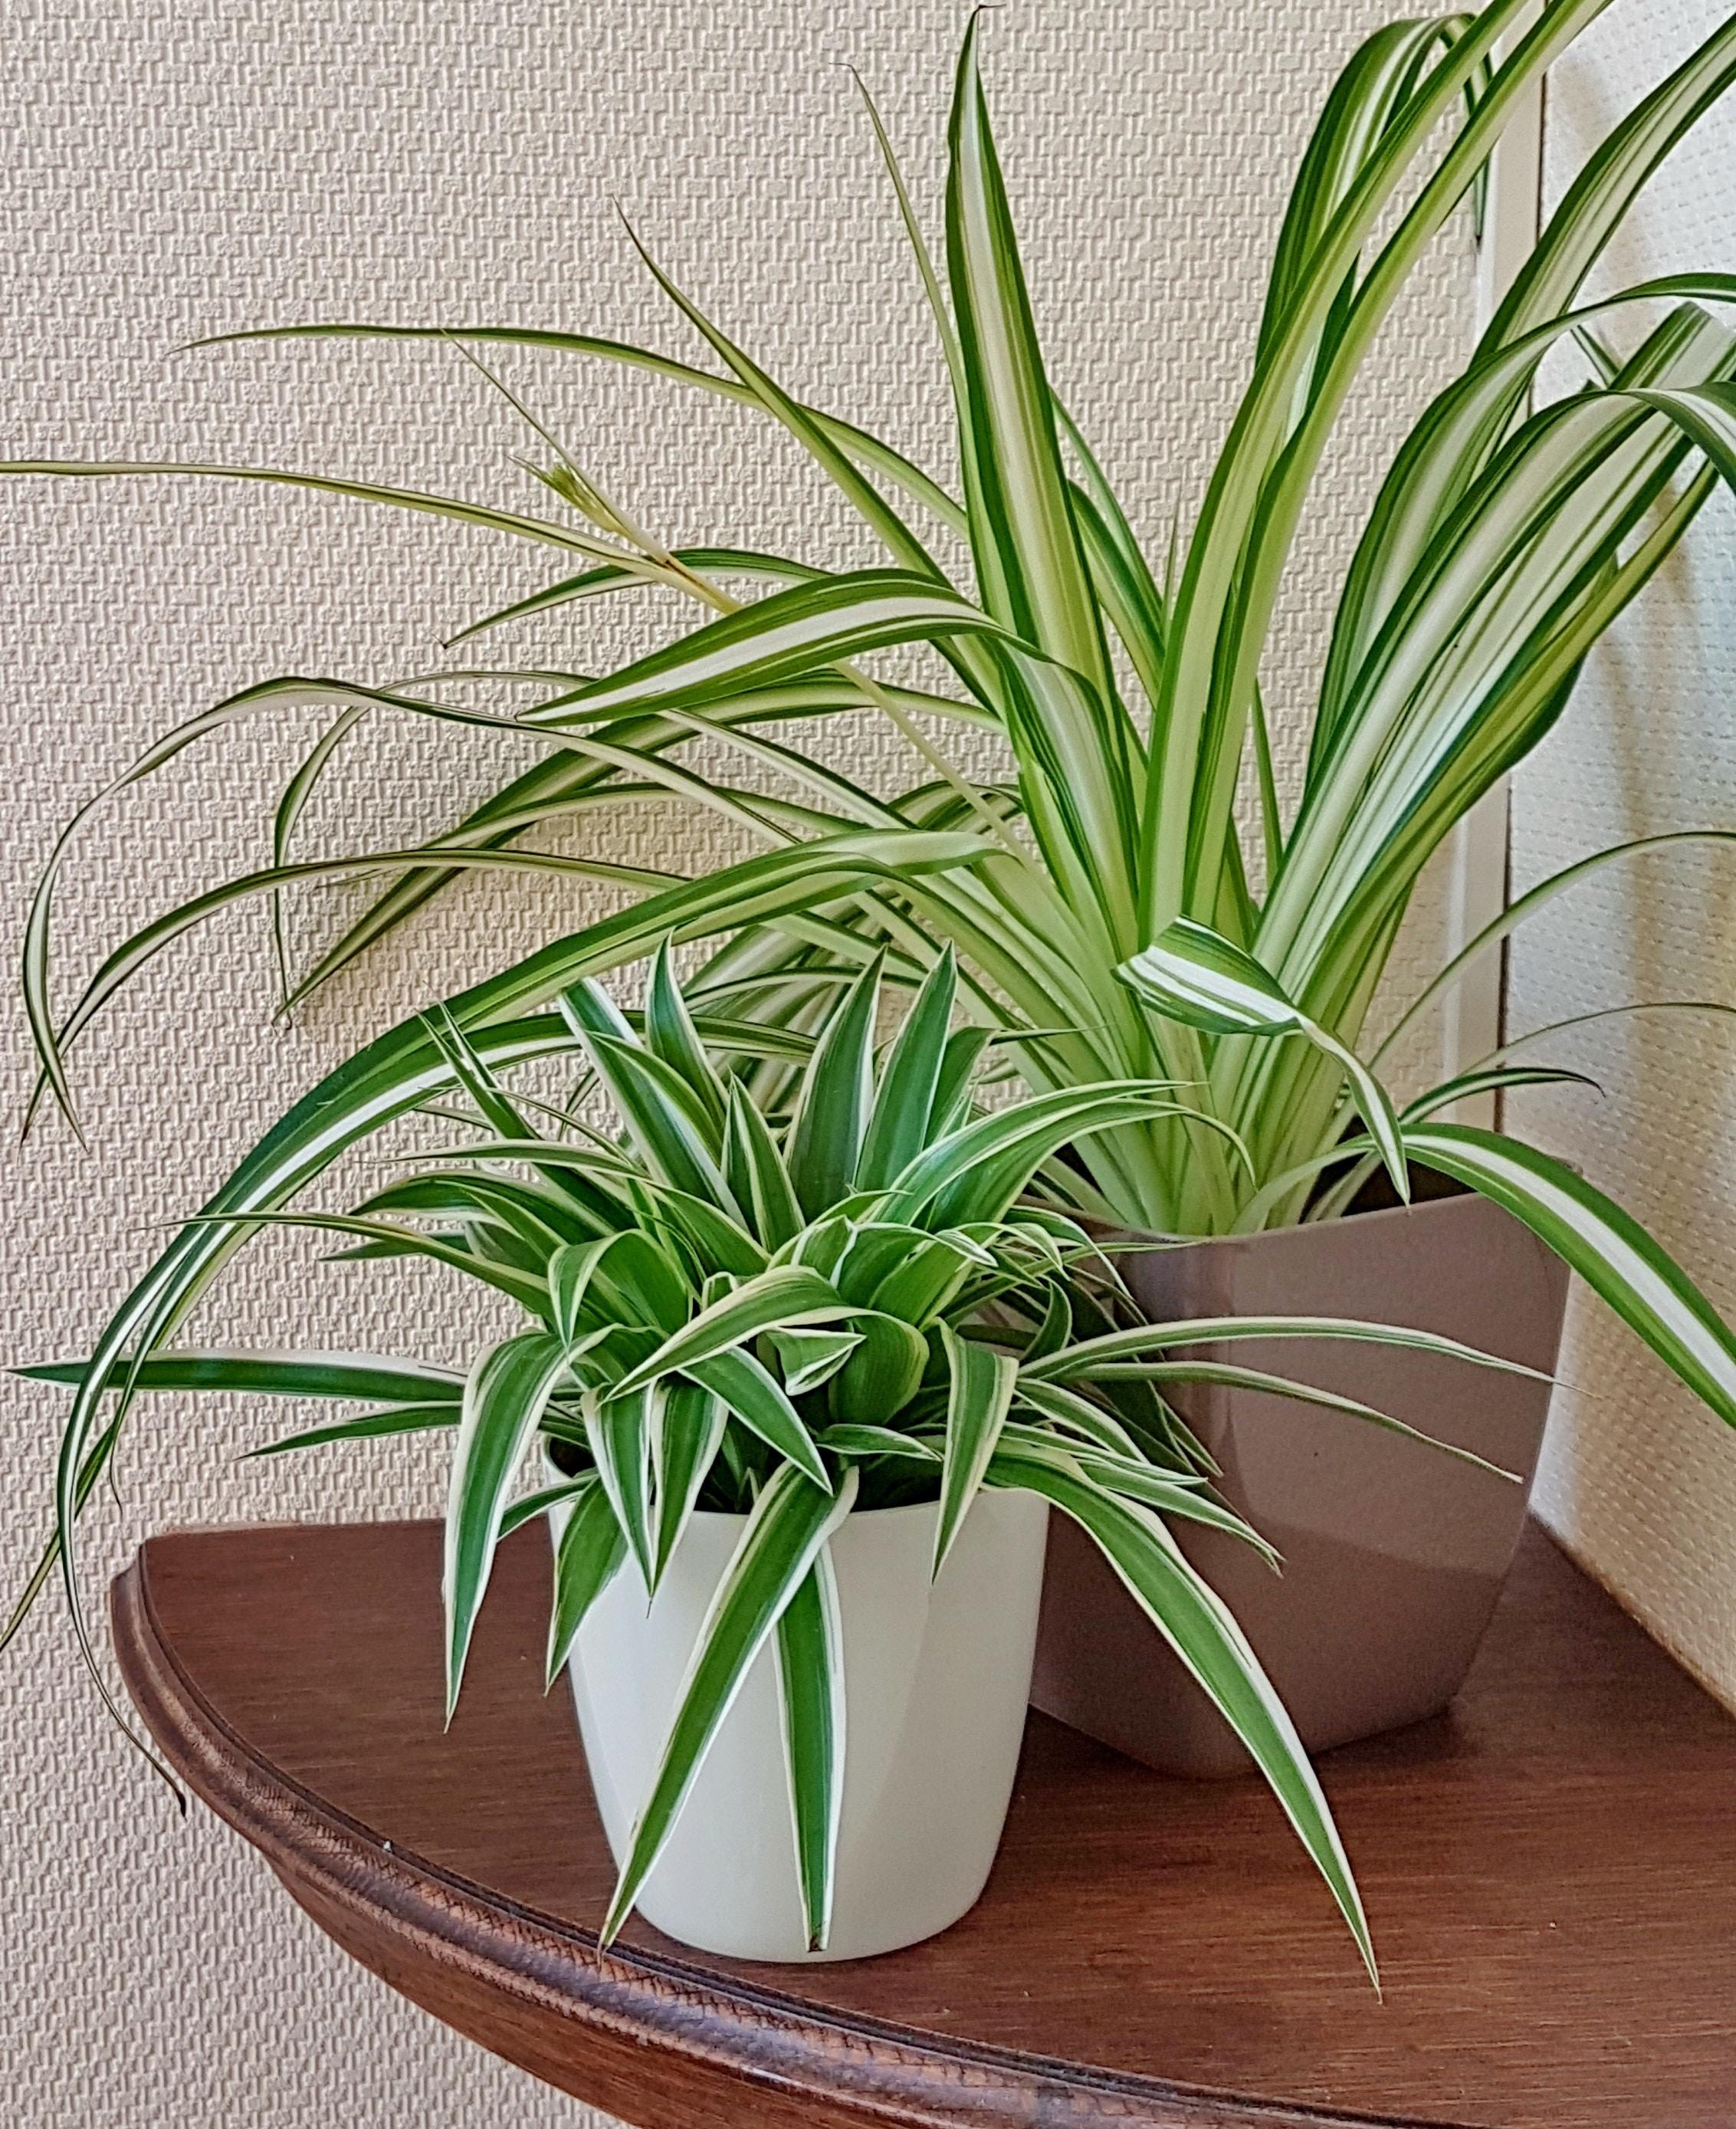 Suspension Pour Plantes D Intérieur chlorophytum : guide d'entretien de la plante araignée